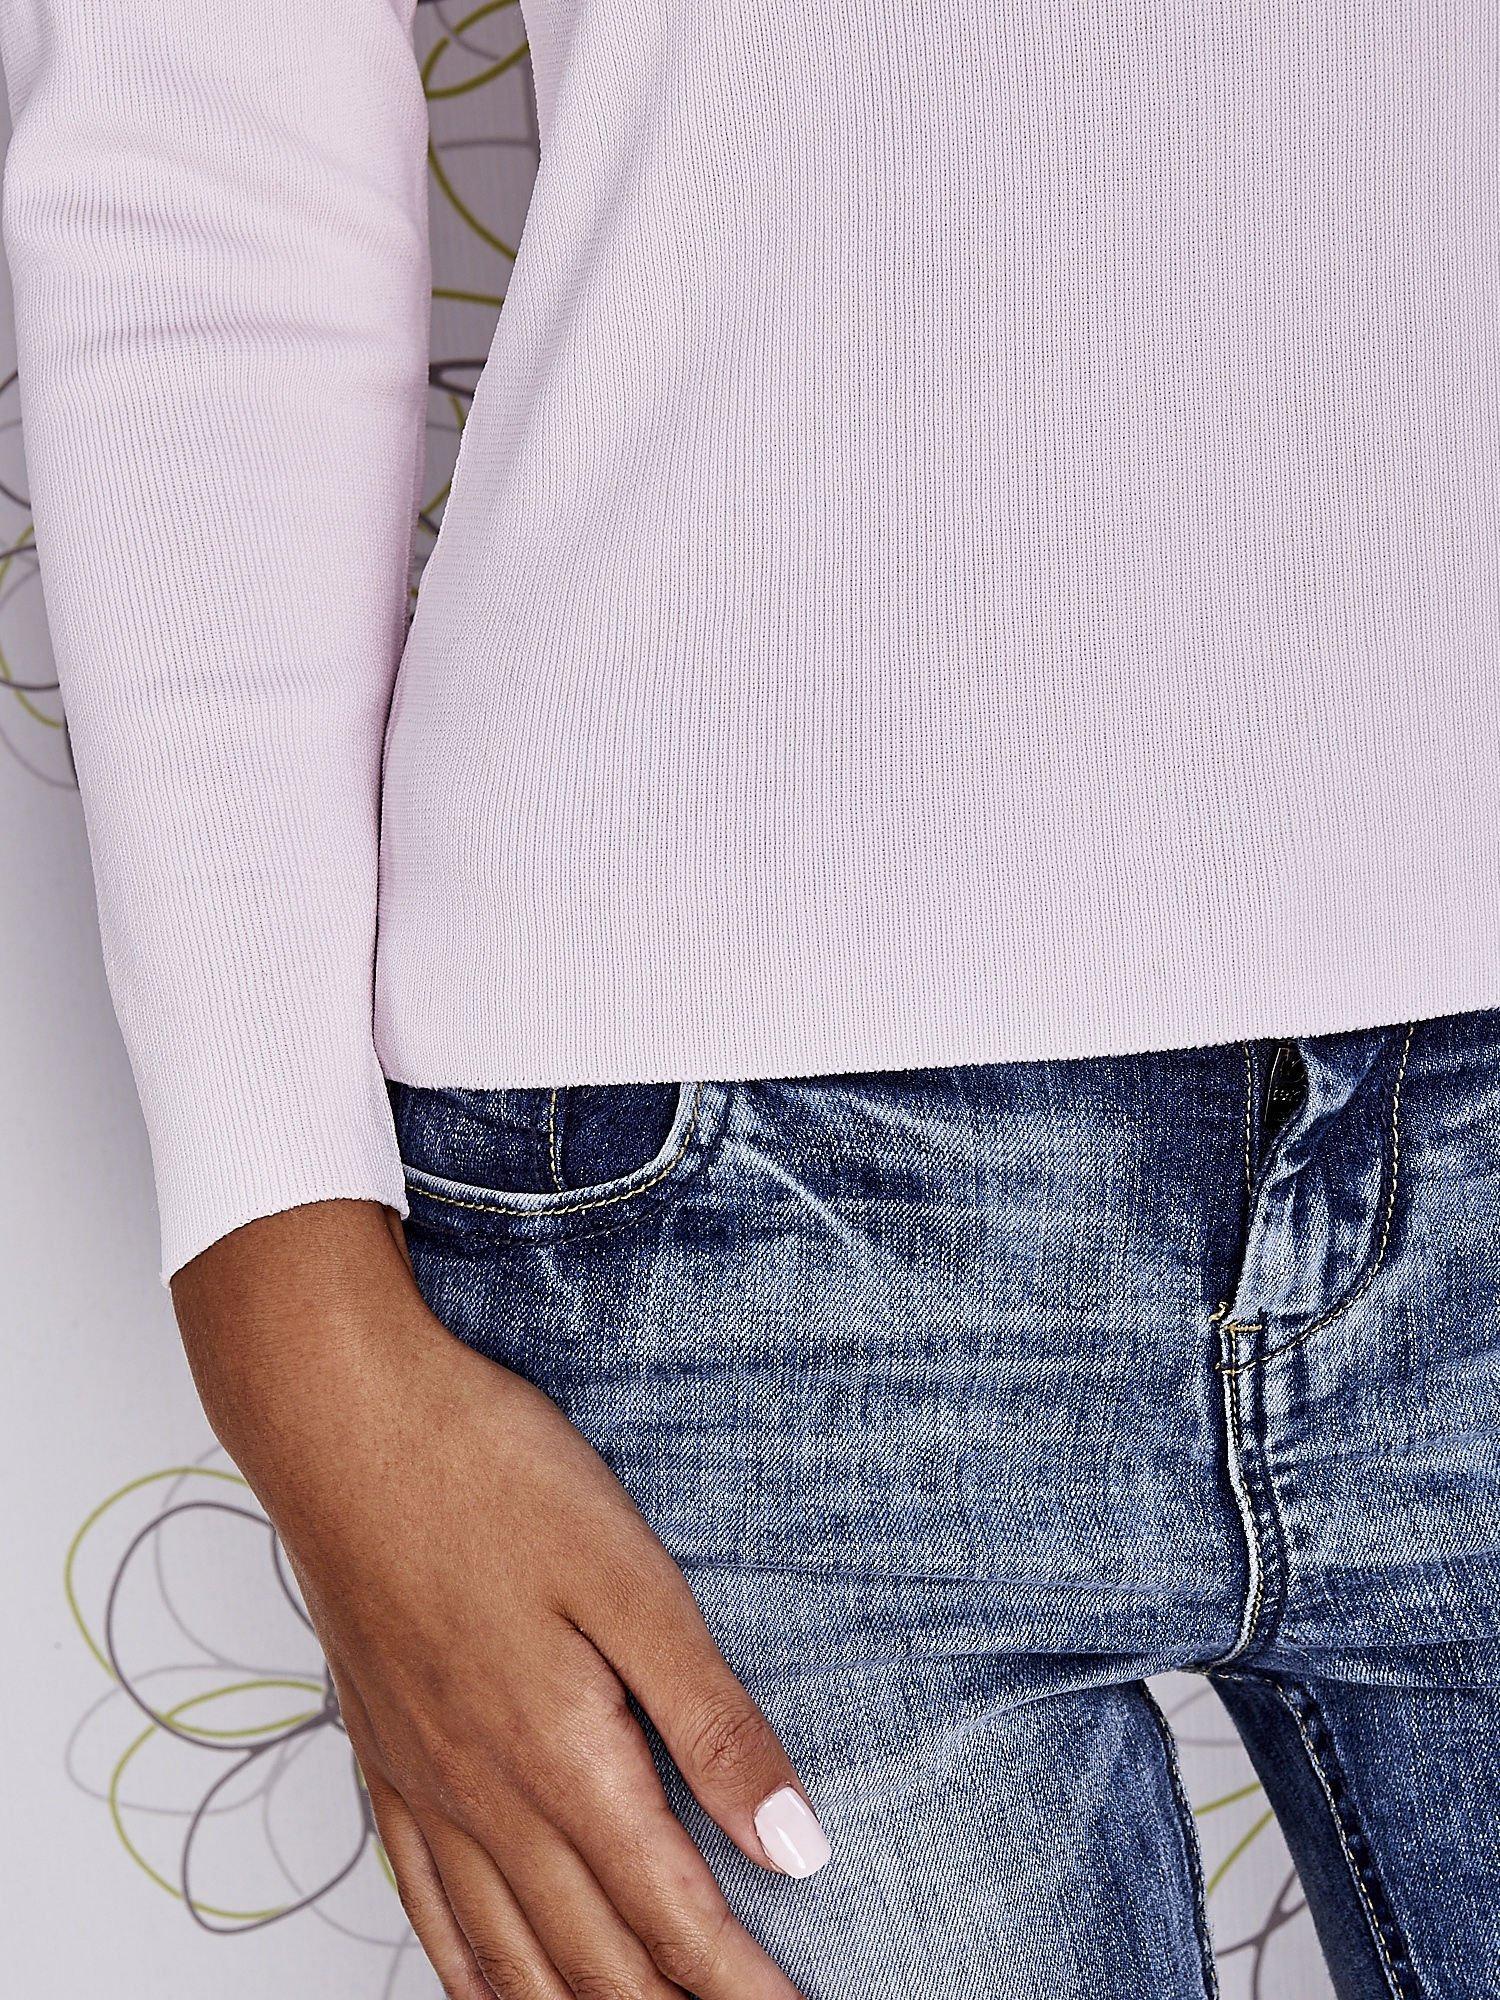 Jasnoróżowy jedwabny sweter z ażurowaniem przy dekolcie                                  zdj.                                  6